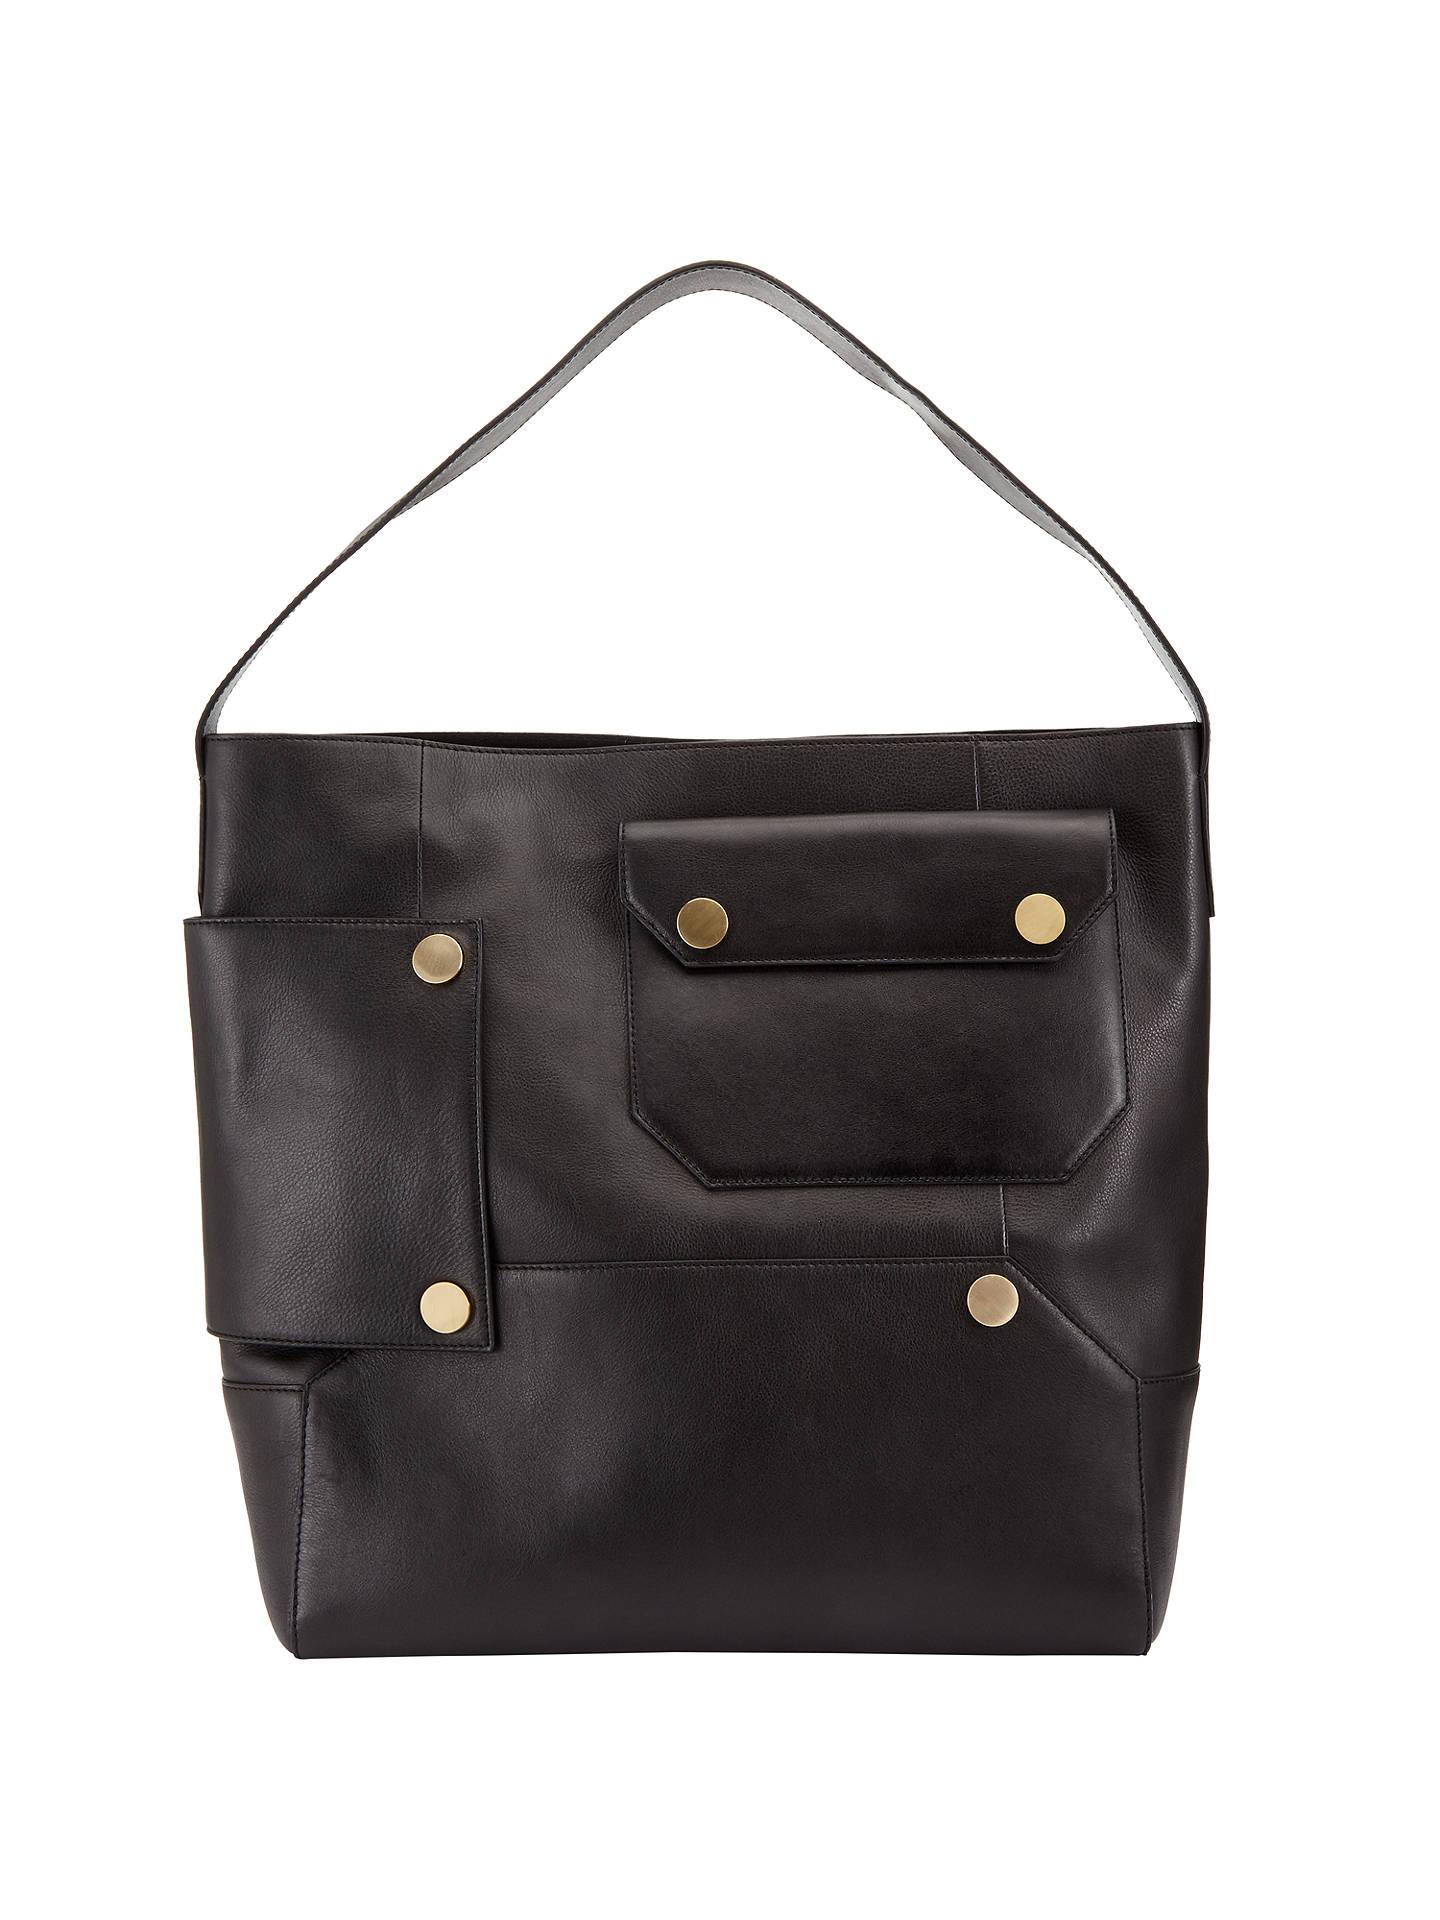 c68972ed763f Buy Kin by John Lewis Luna Leather Shoulder Bag